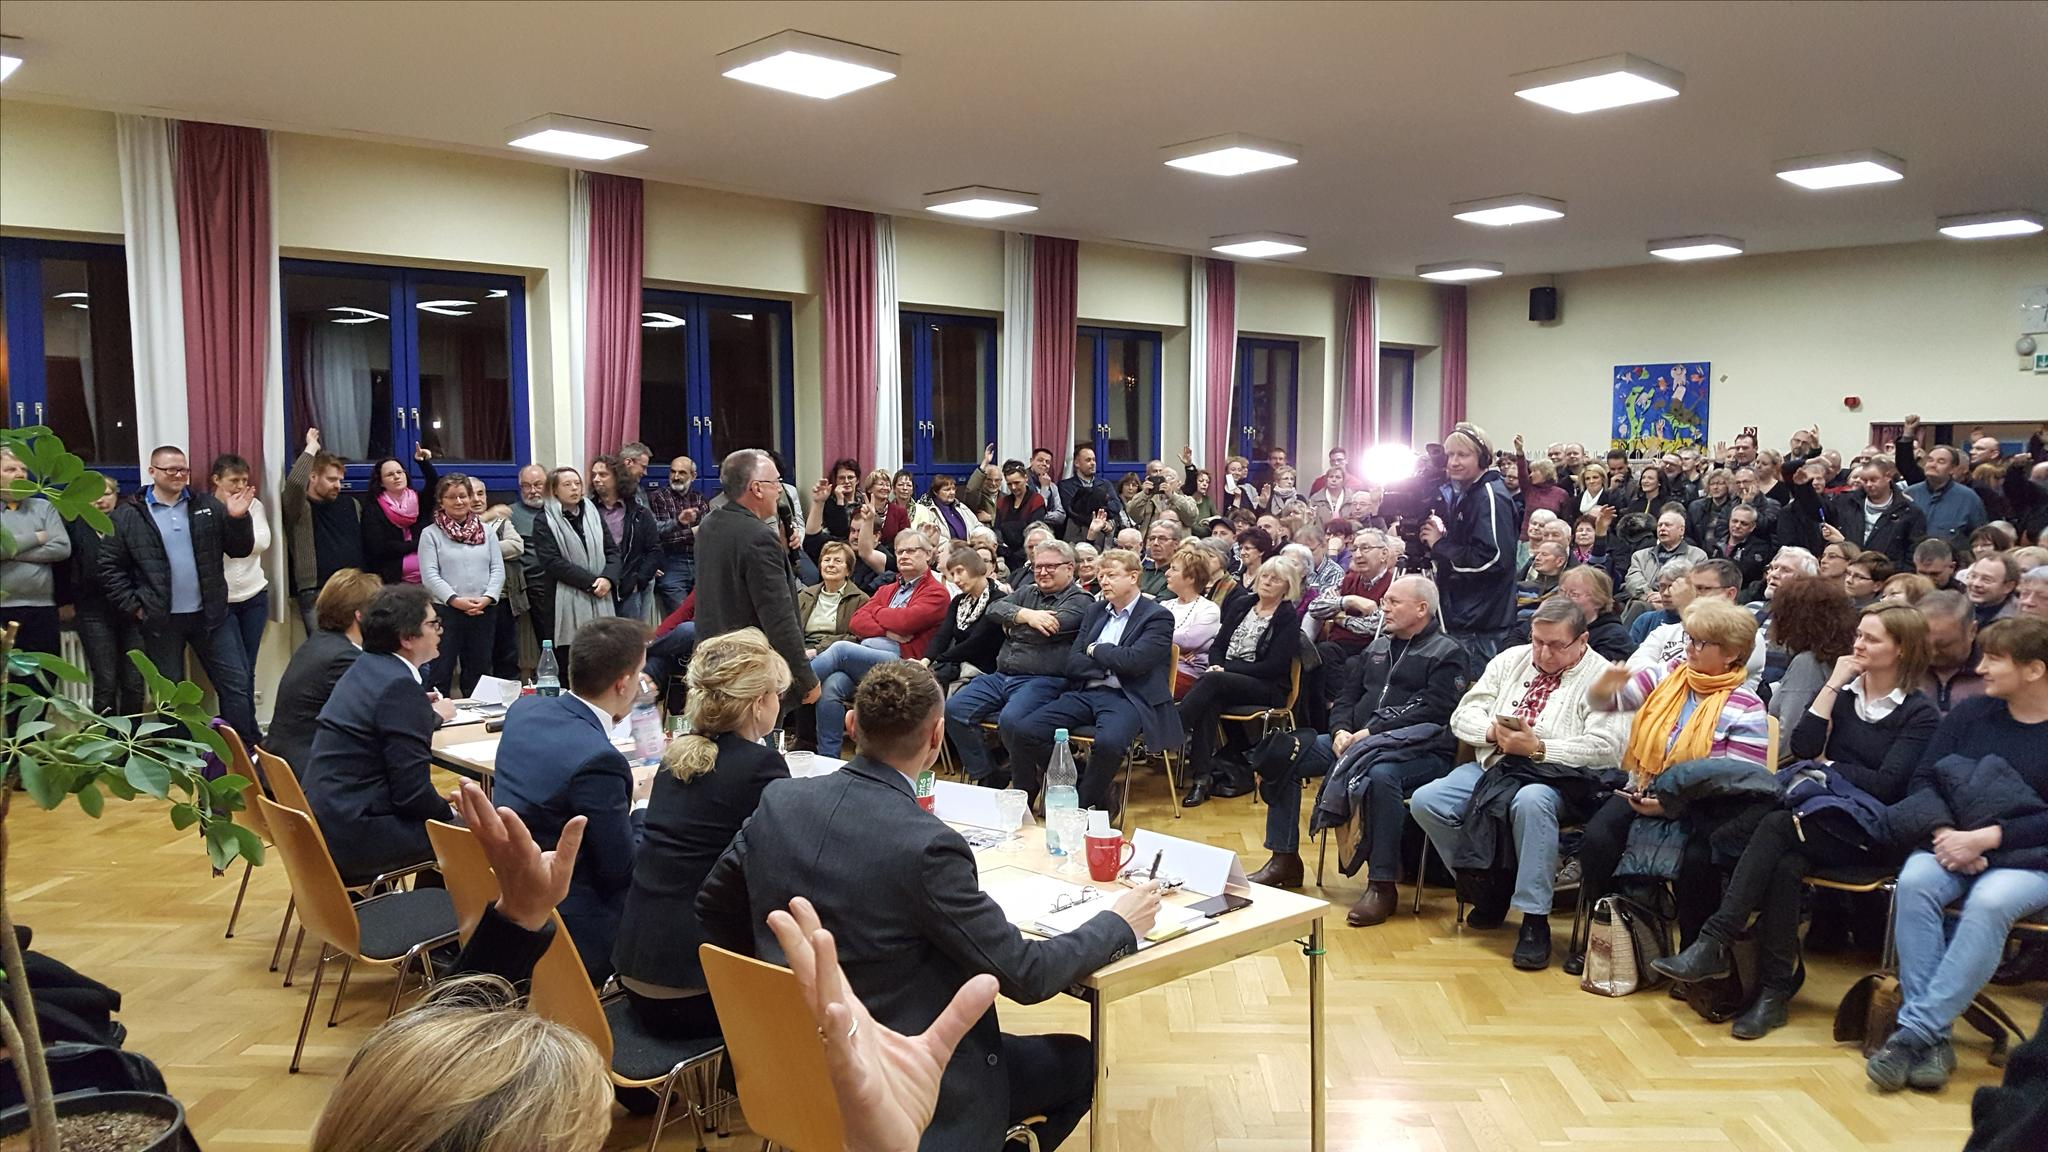 Wahlforum Strausberg DGB KV MOL 14.2. Publikum